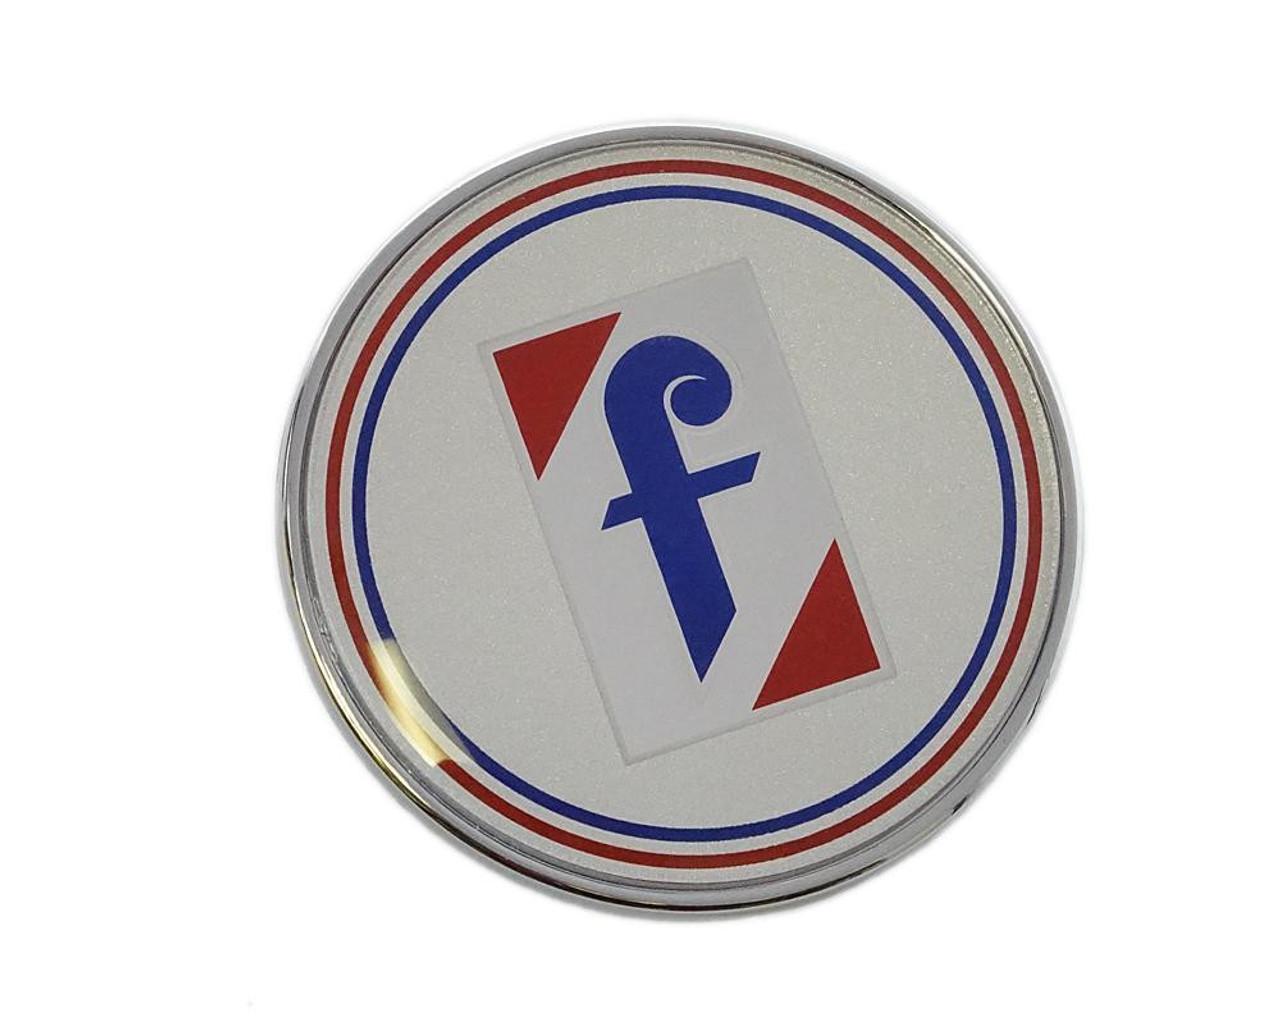 Pininfarina Front Emblem - 1983-84